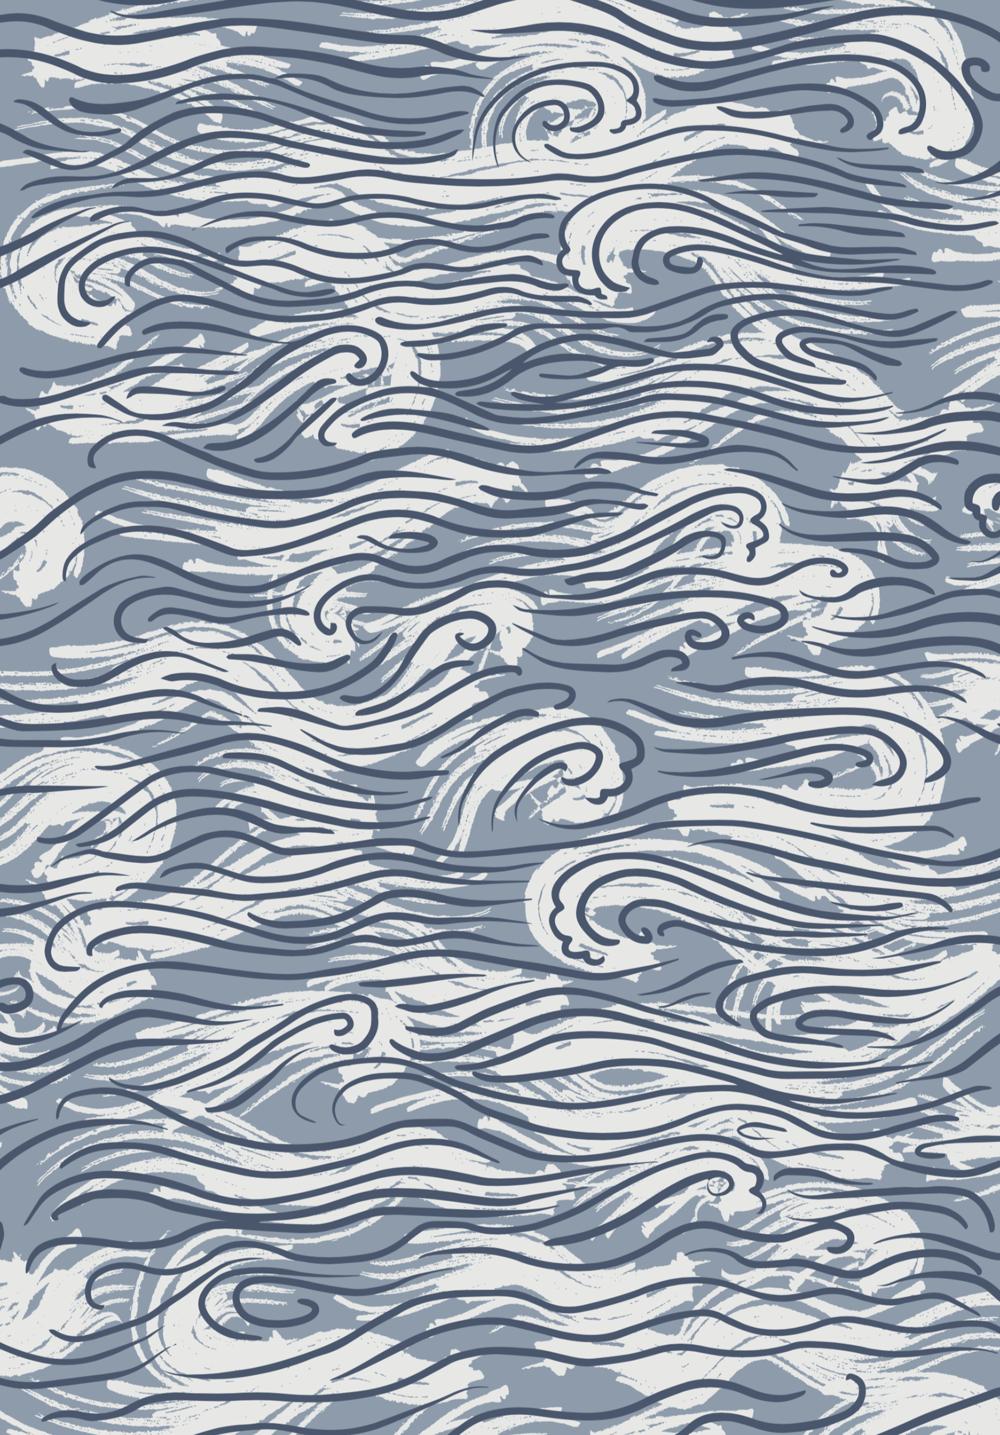 short-sands-waves.png